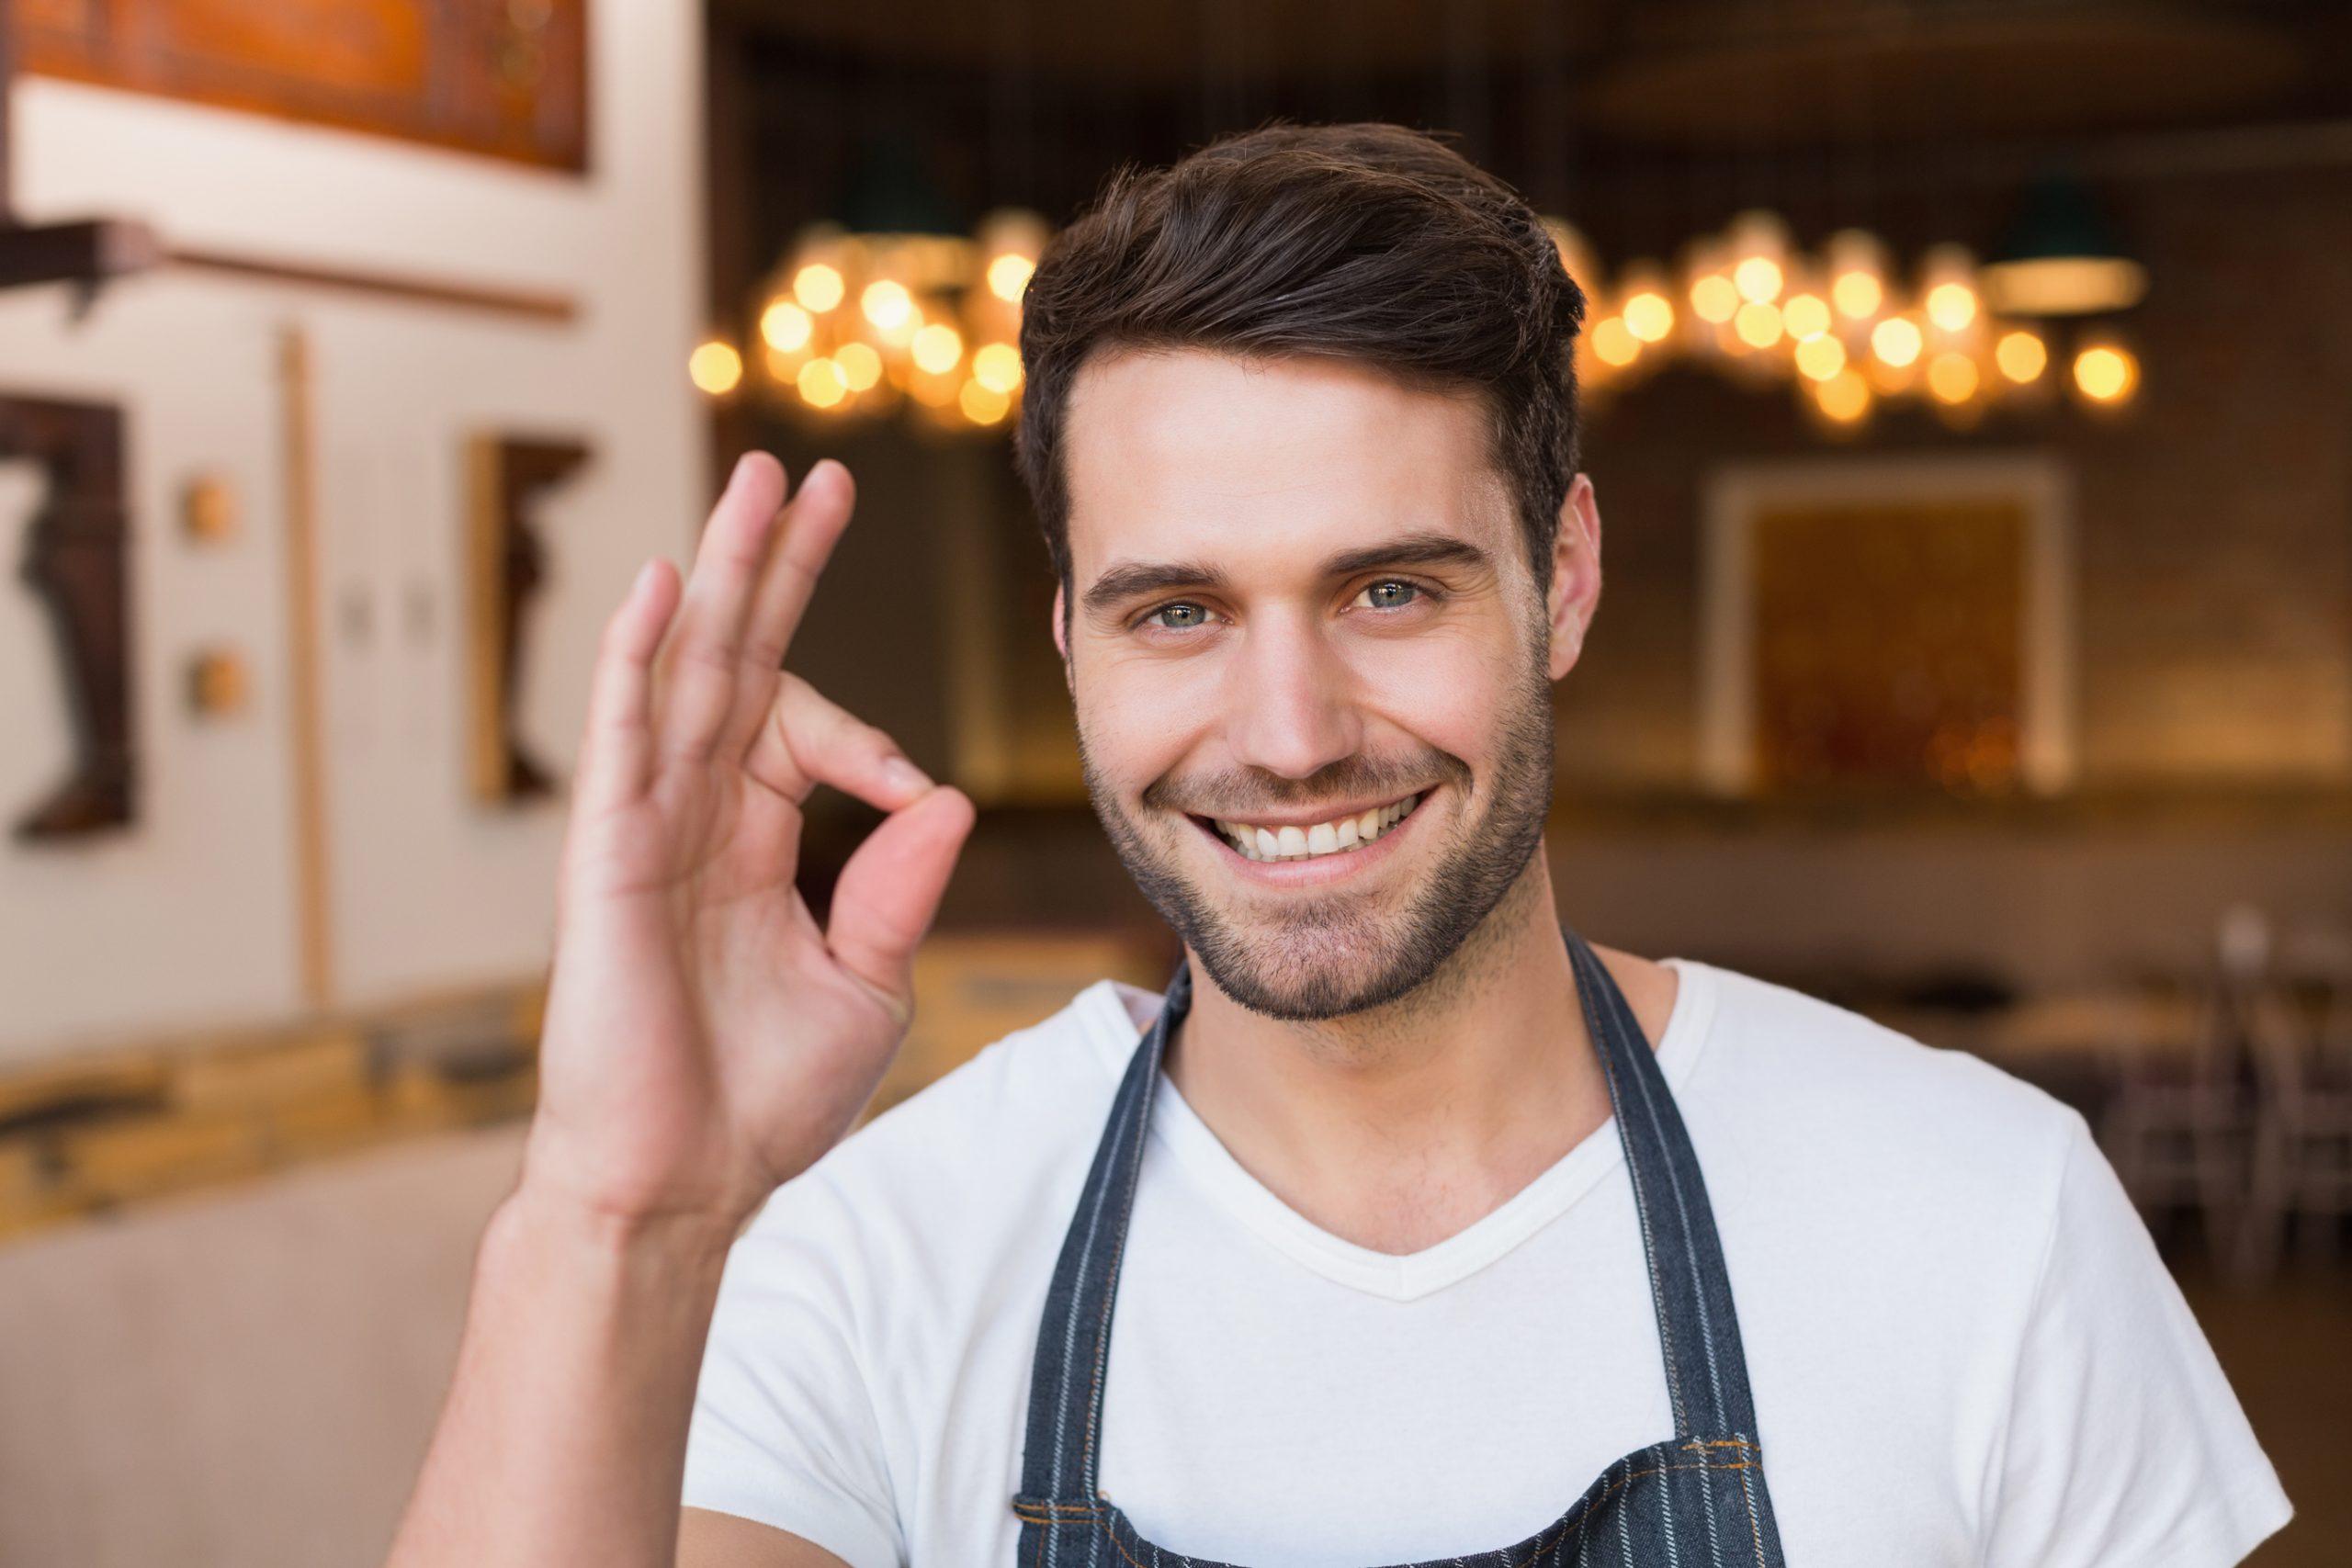 RepUPMag Giovane manager del ristorante approva i consigli di marketing della ristorazione